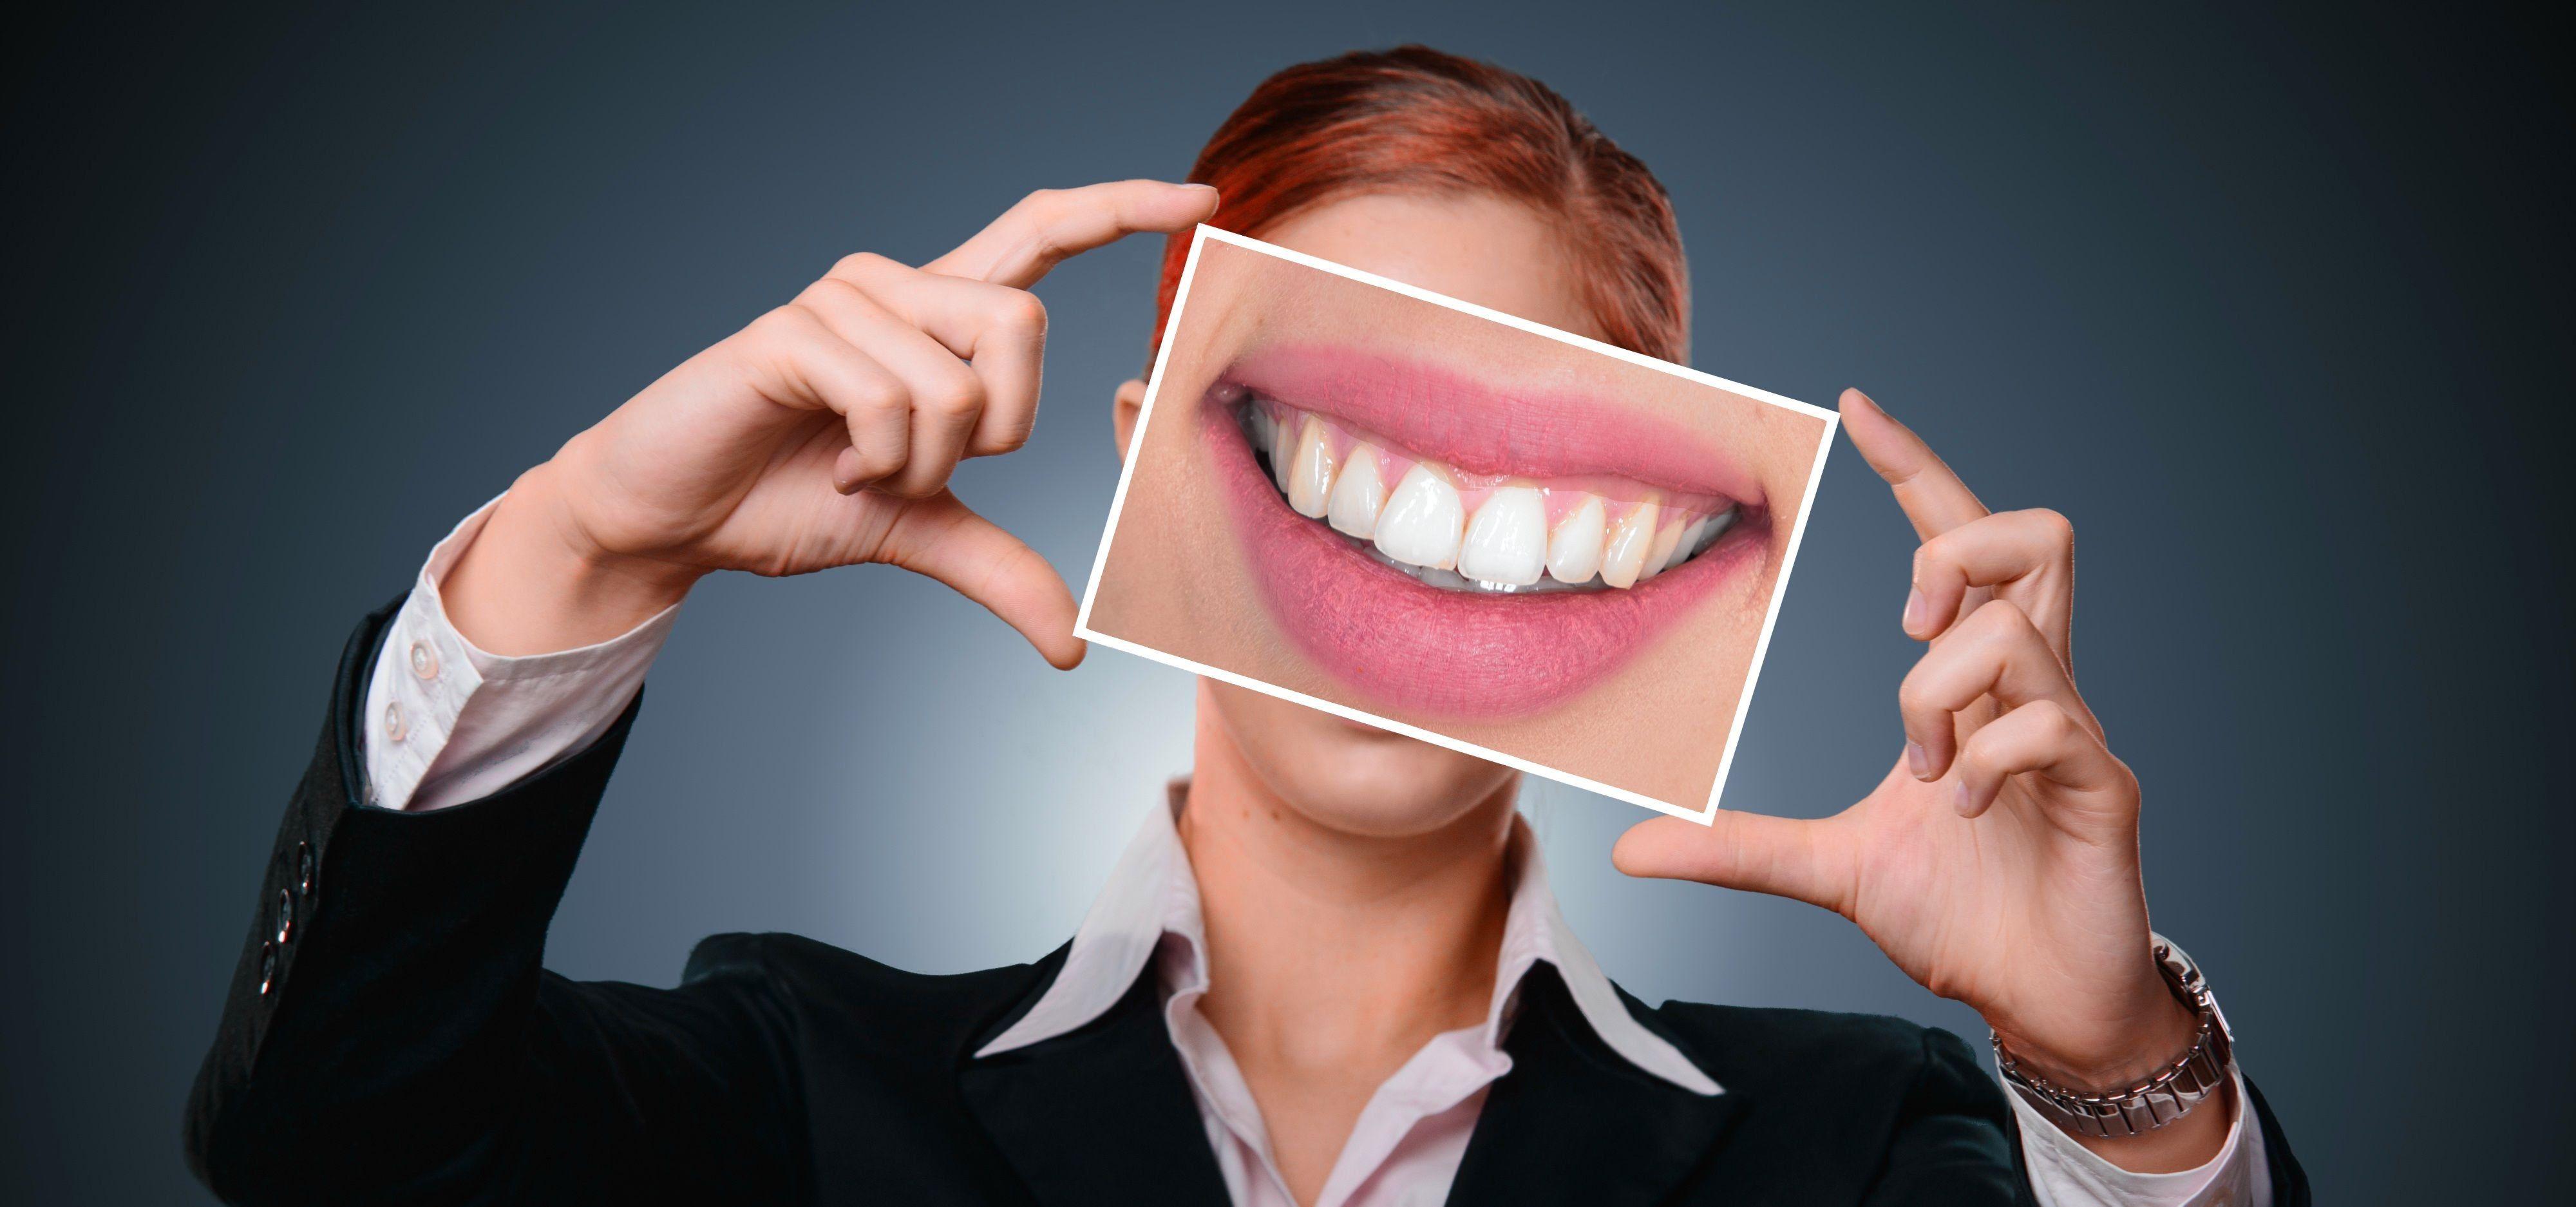 Эффективные зубные пасты от пародонтита и пародонтоза в 2020 году